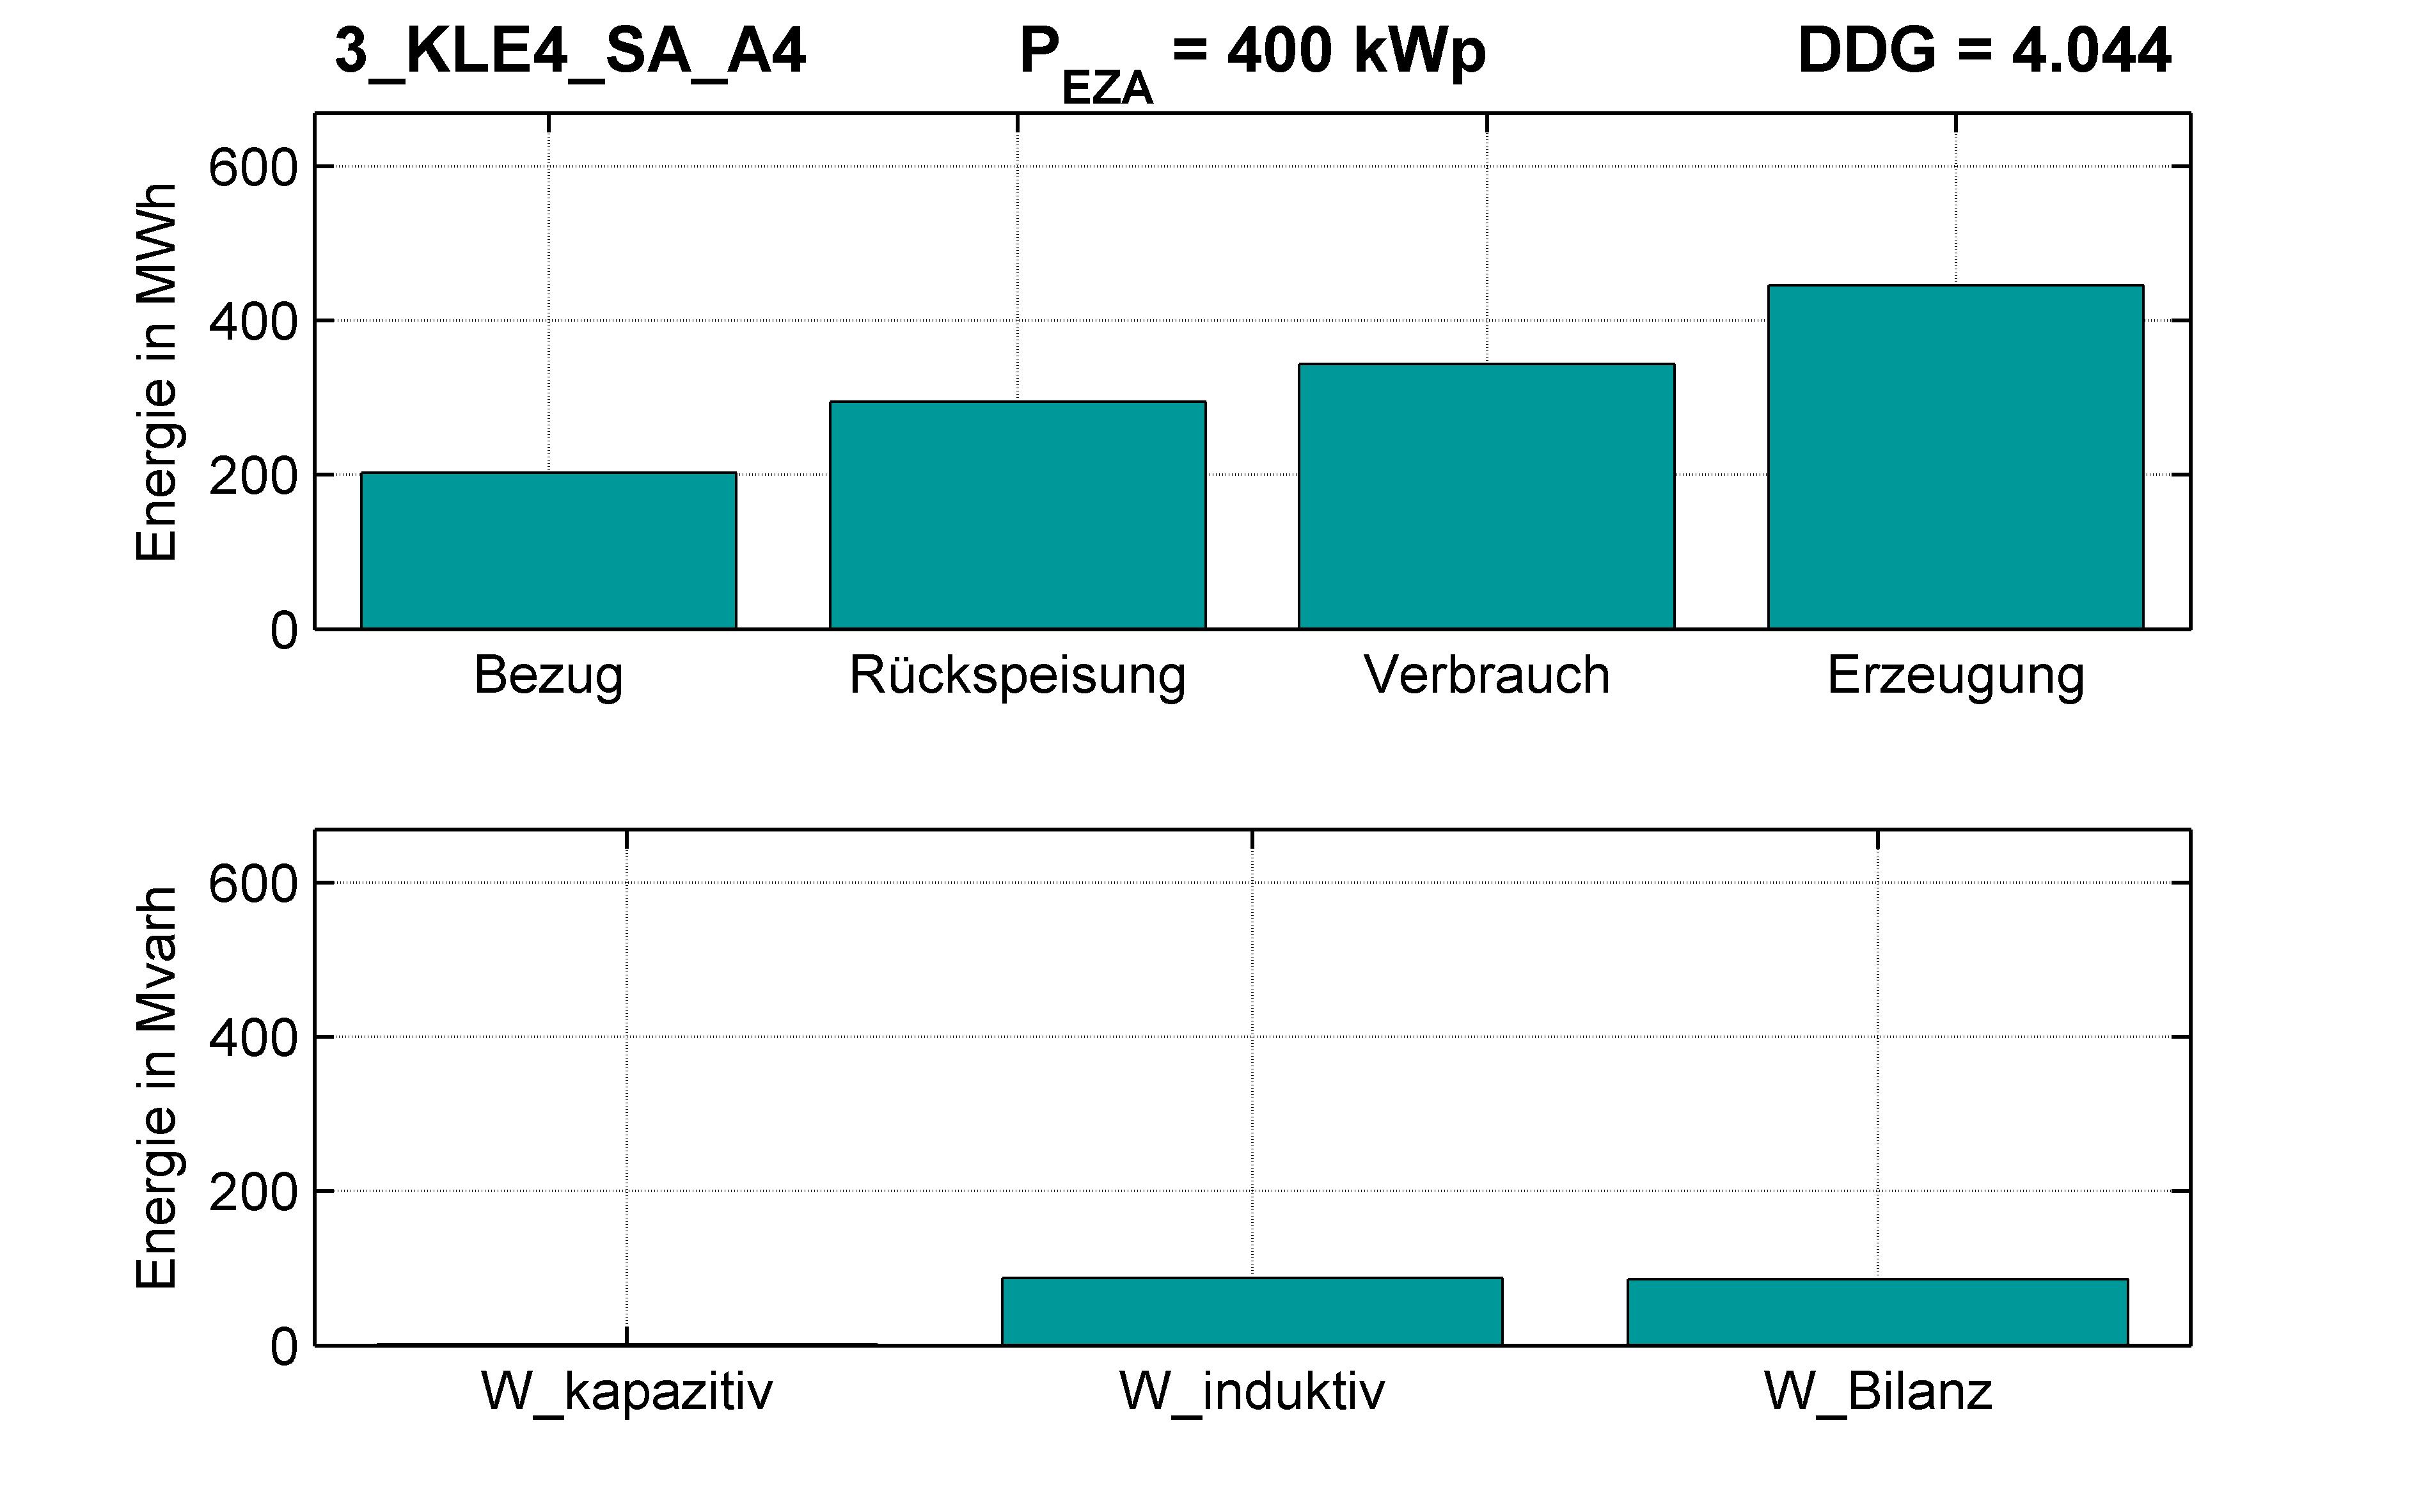 KLE4 | P-Kappung 70% (SA) A4 | PQ-Bilanz